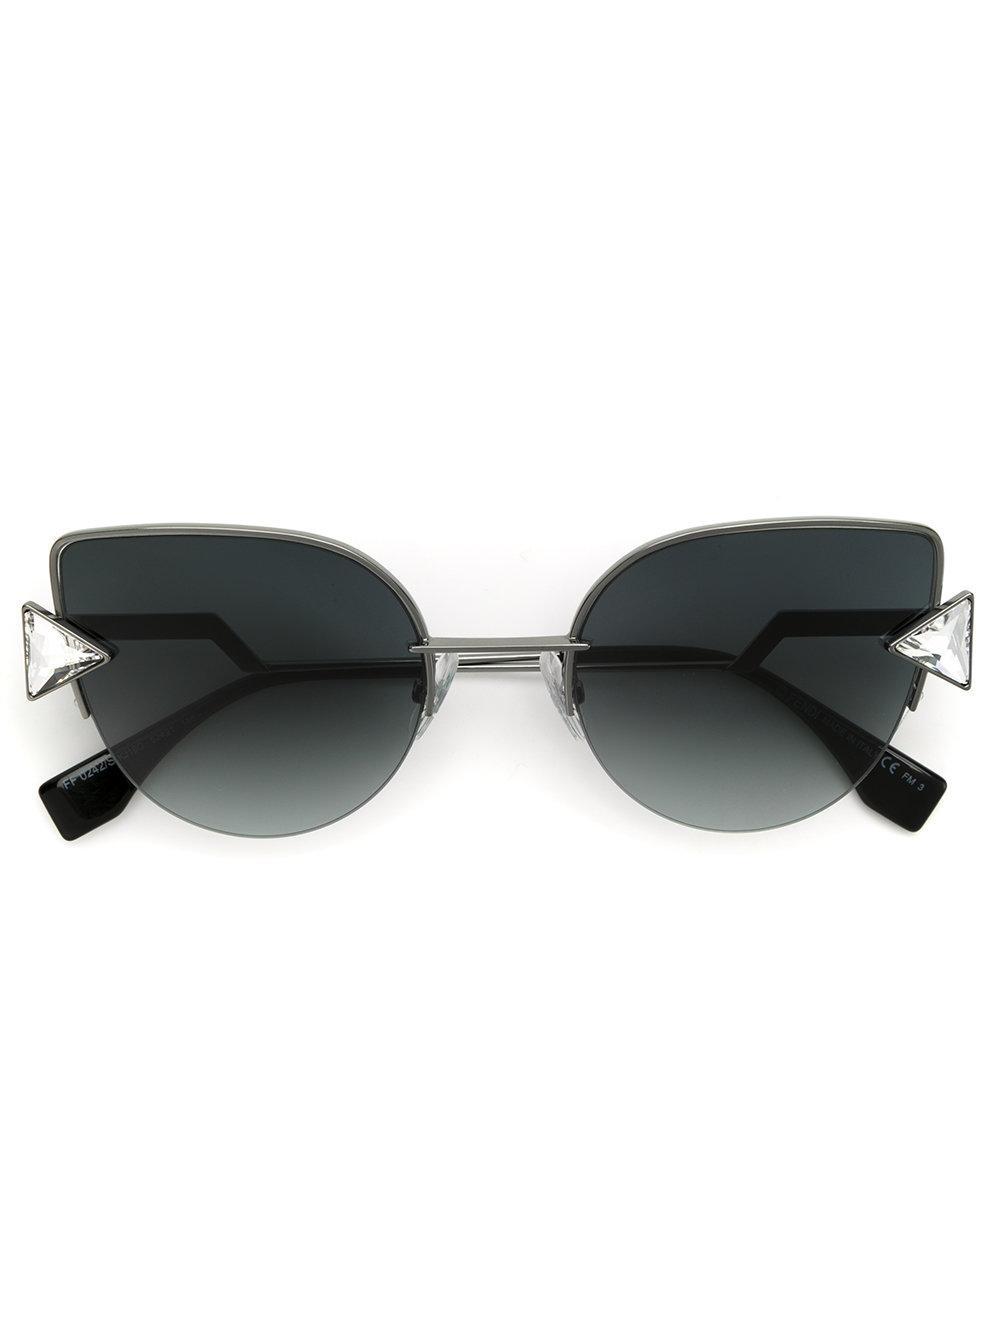 Fendi Rainbow Sunglasses